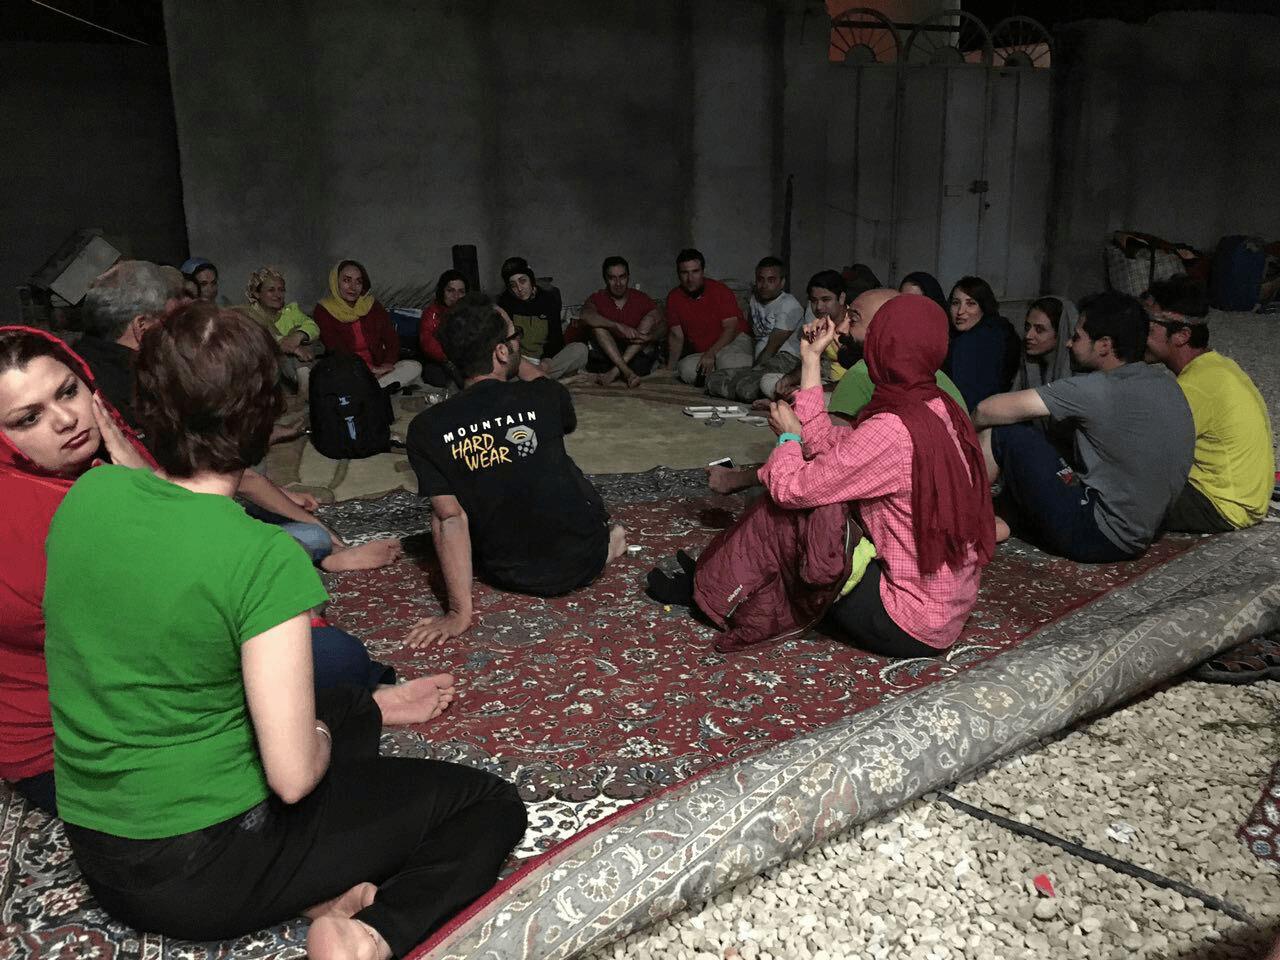 مهدی پارسا - عکس از سفر به بندر مقام ۹۵ - Mehdi Parsa Bandar Mogham trip